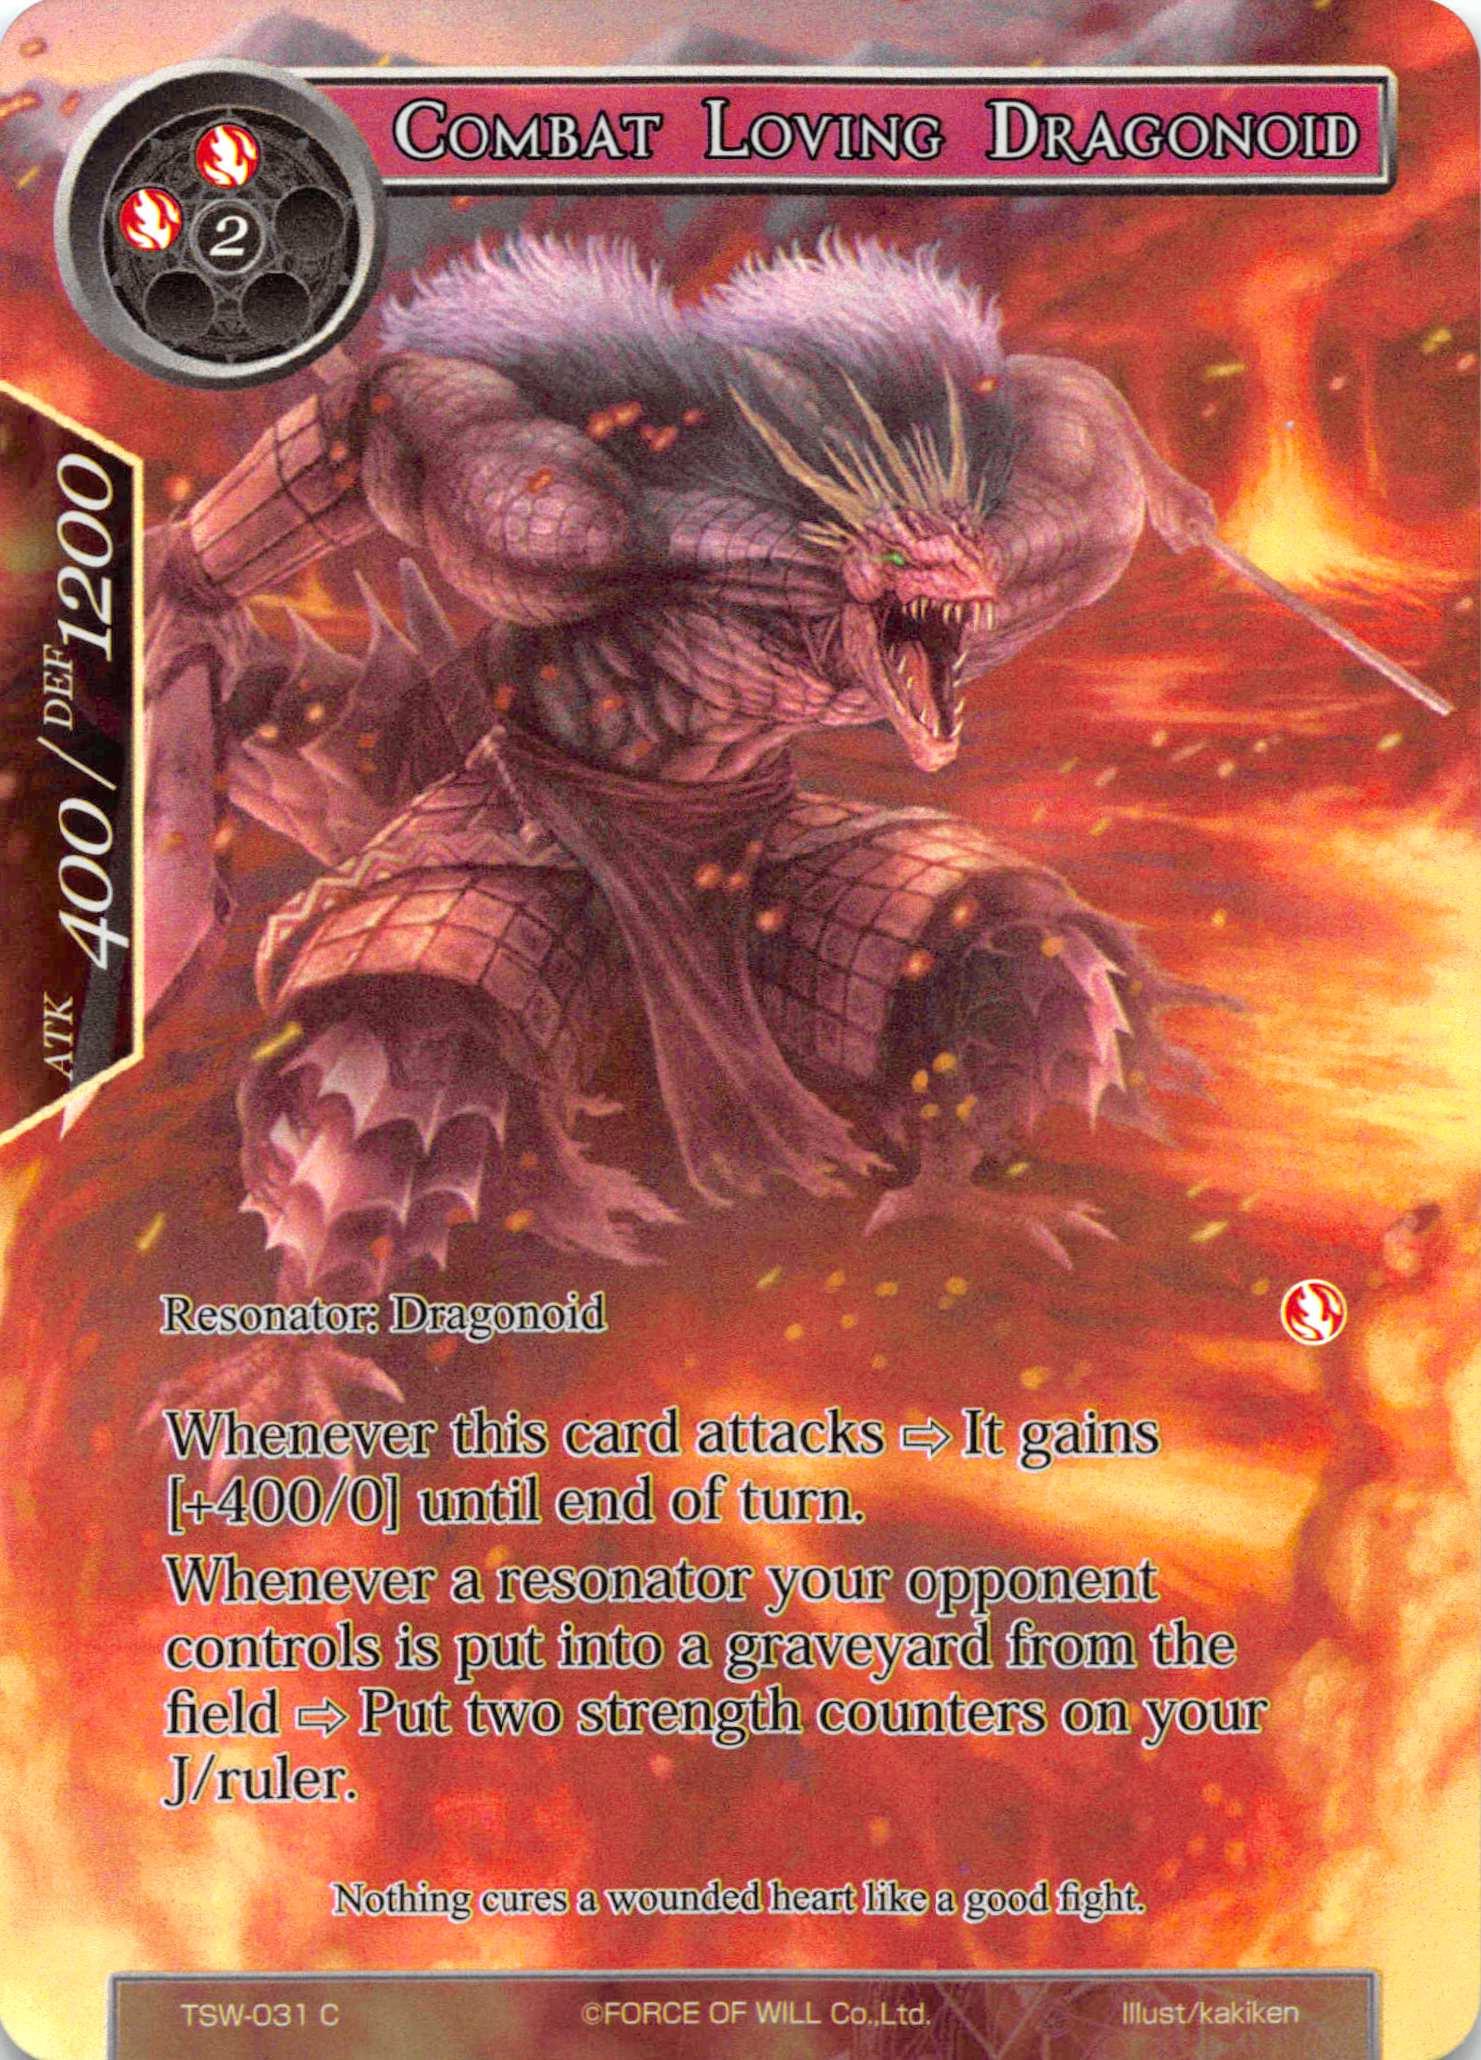 Combat Loving Dragonoid (Full Art) - TSW-031 - C